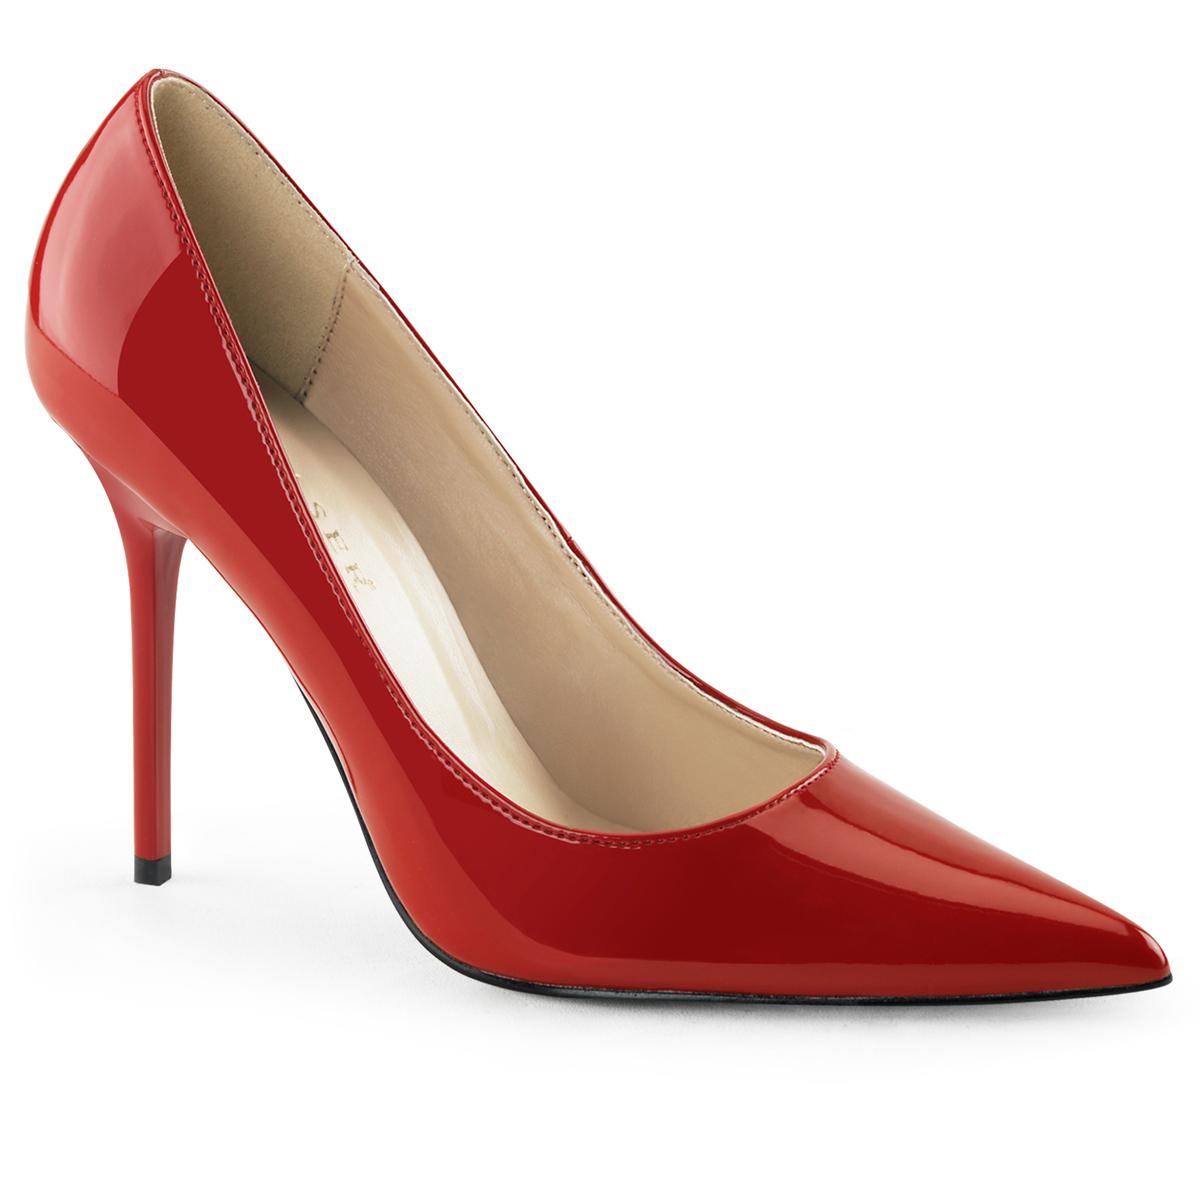 9528f94bd0f Stiletto Pumps CLASSIQUE-20 - Patent Red